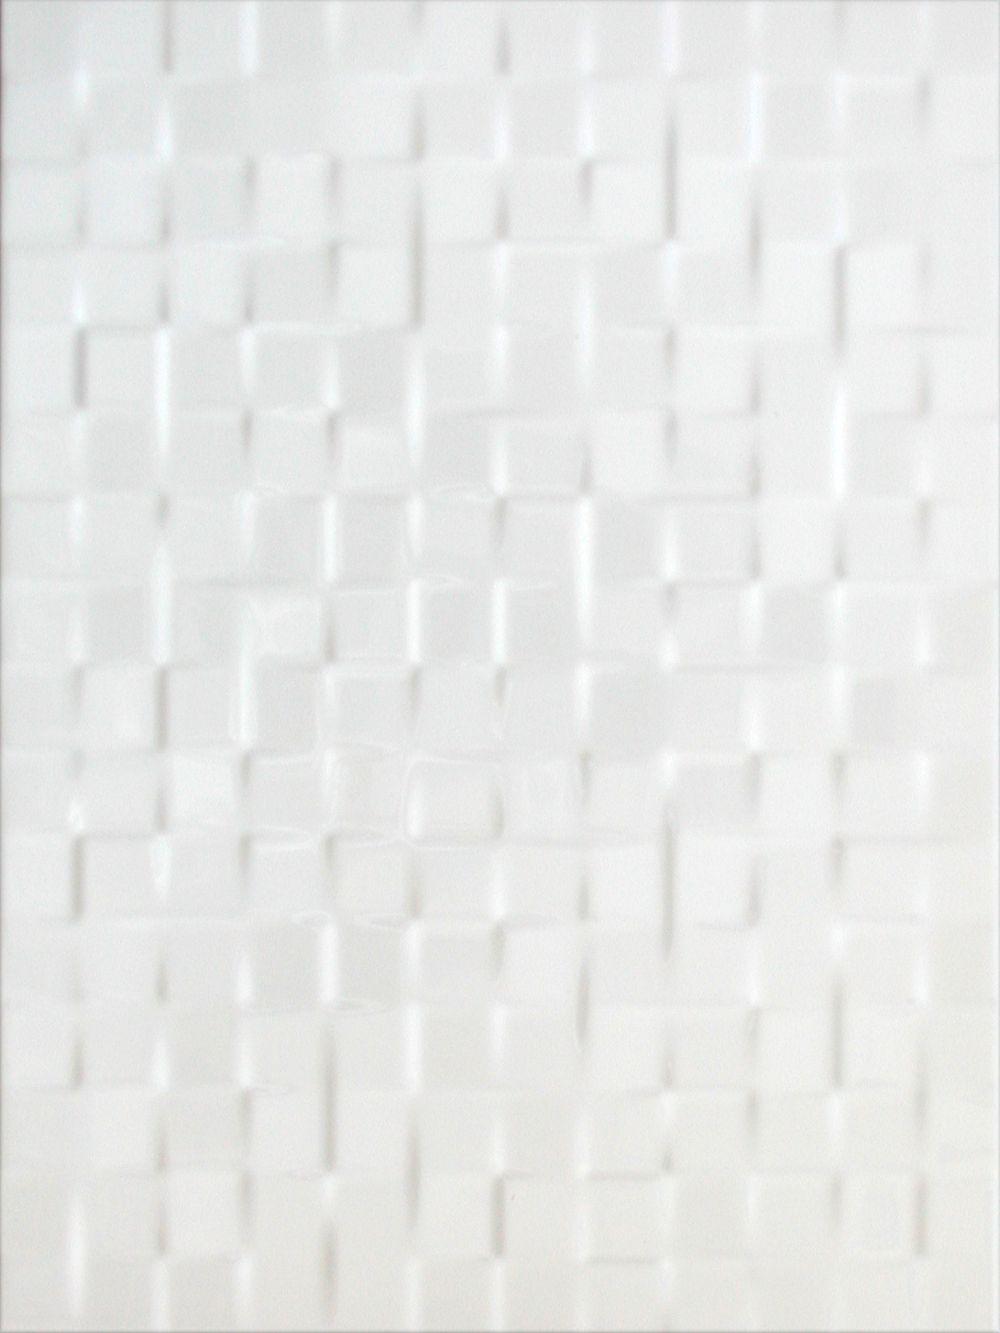 White kitchen wall tiles texture - White Wall Tiles Urevoo